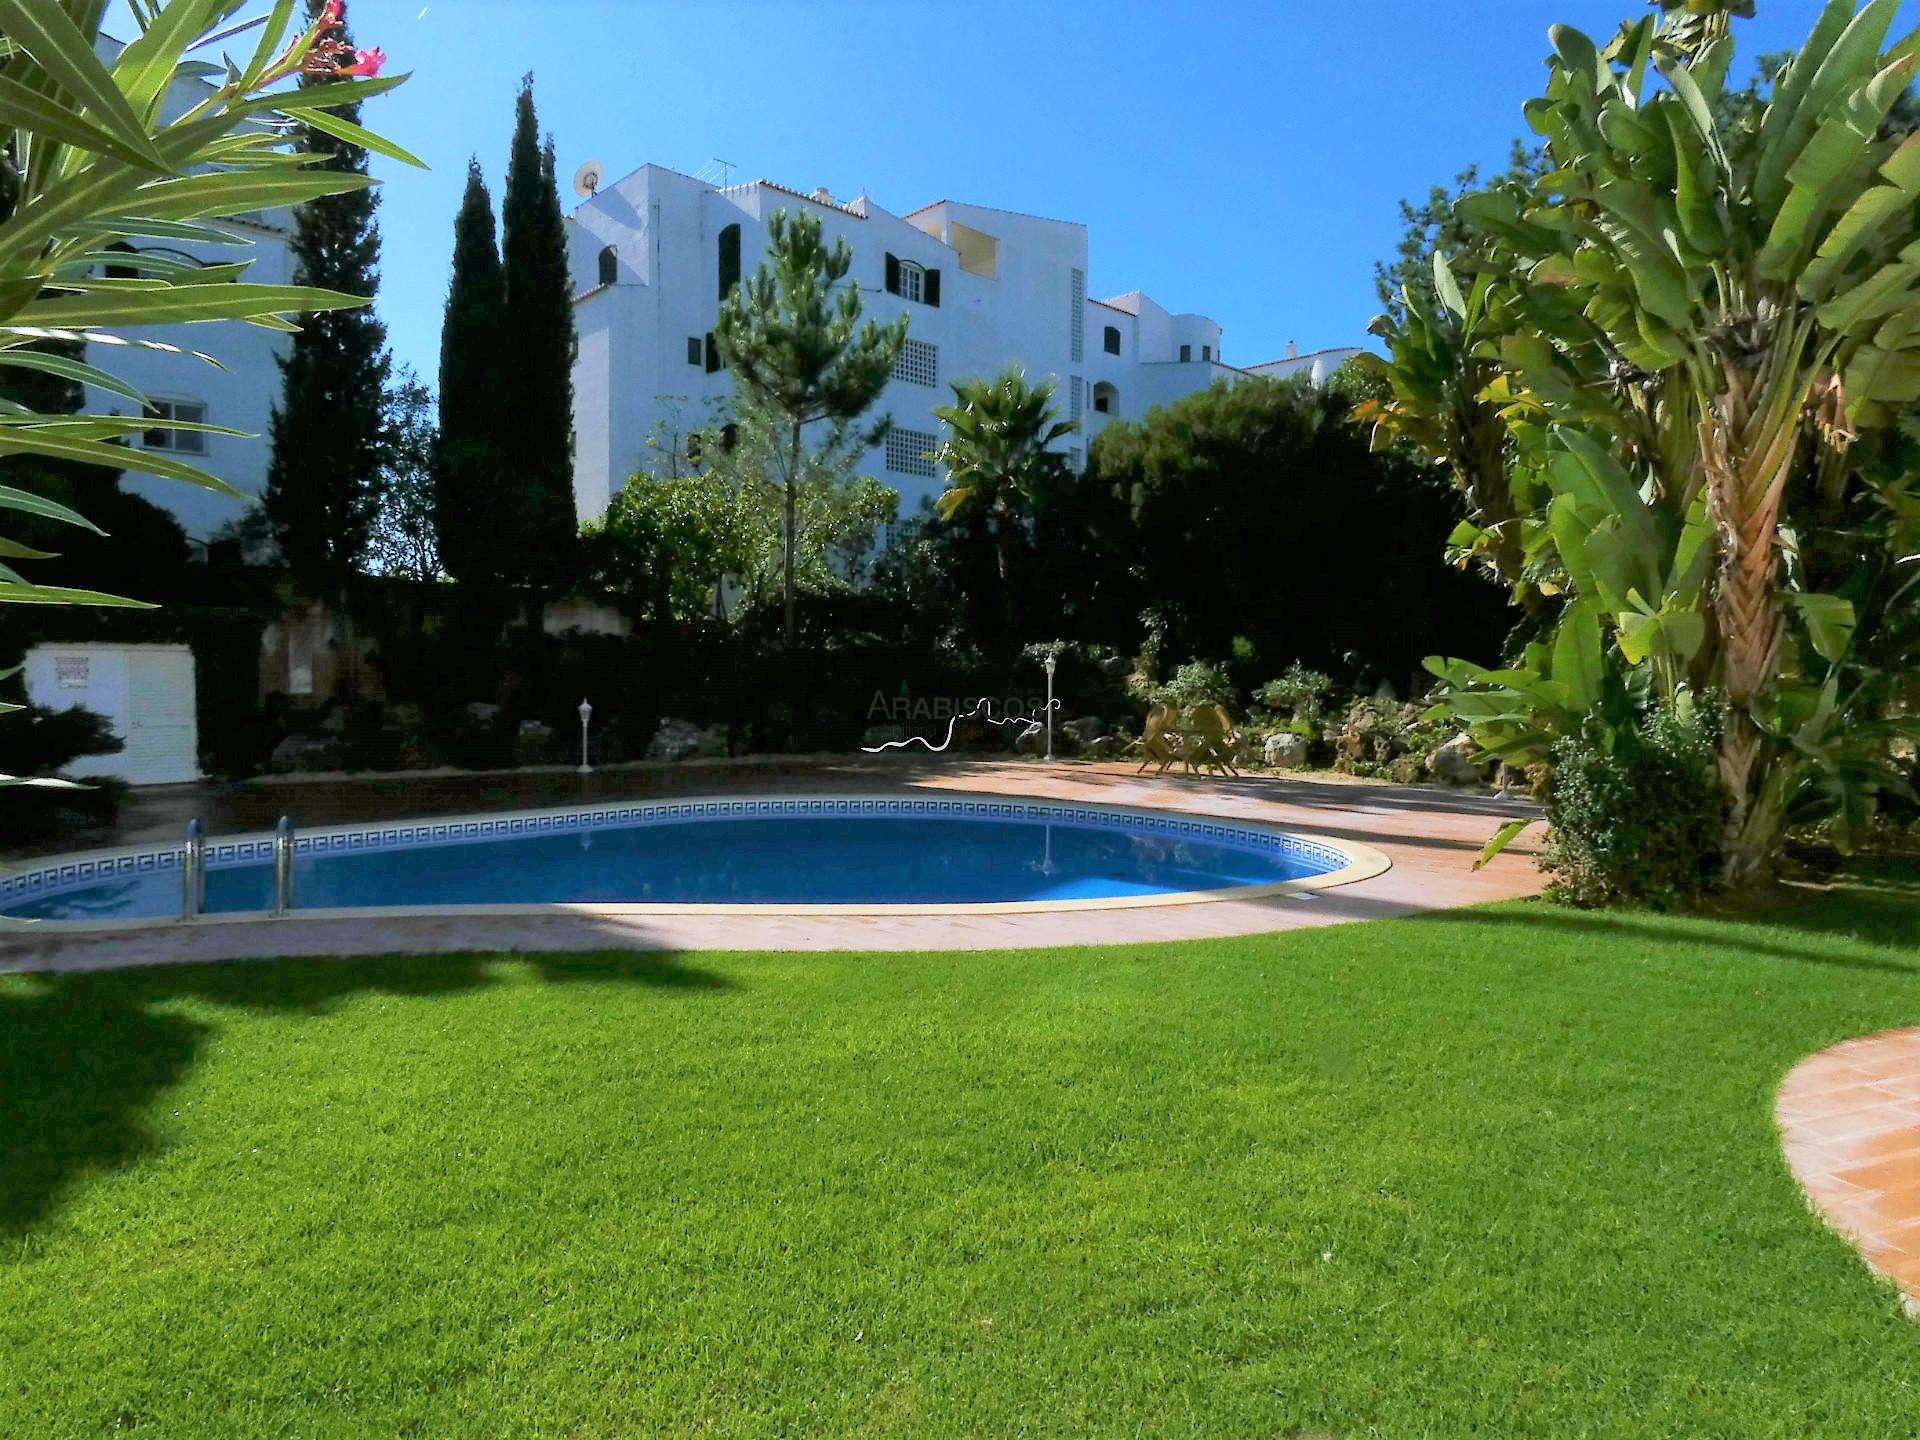 Apartamento T4 - Garagem - Piscina - Jardins - Alto Golf - Portimão